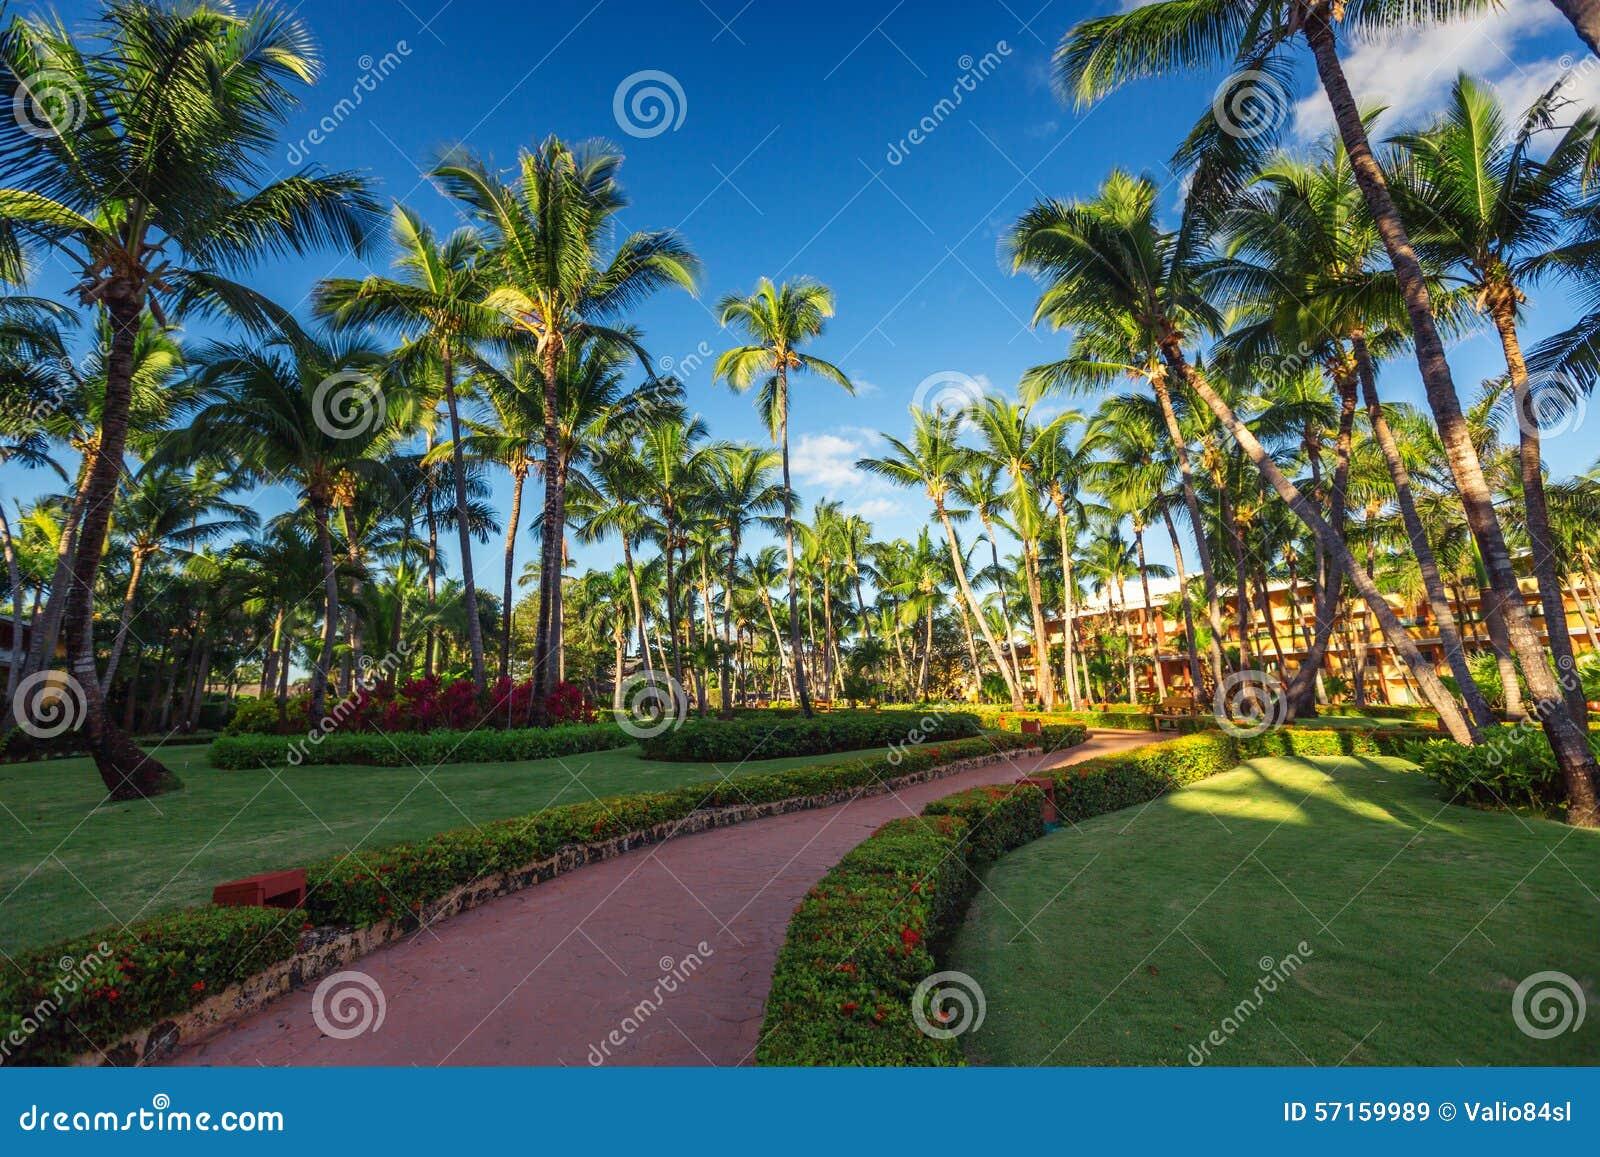 Διάβαση και τροπικός κήπος στο παραθαλάσσιο θέρετρο, Punta Cana